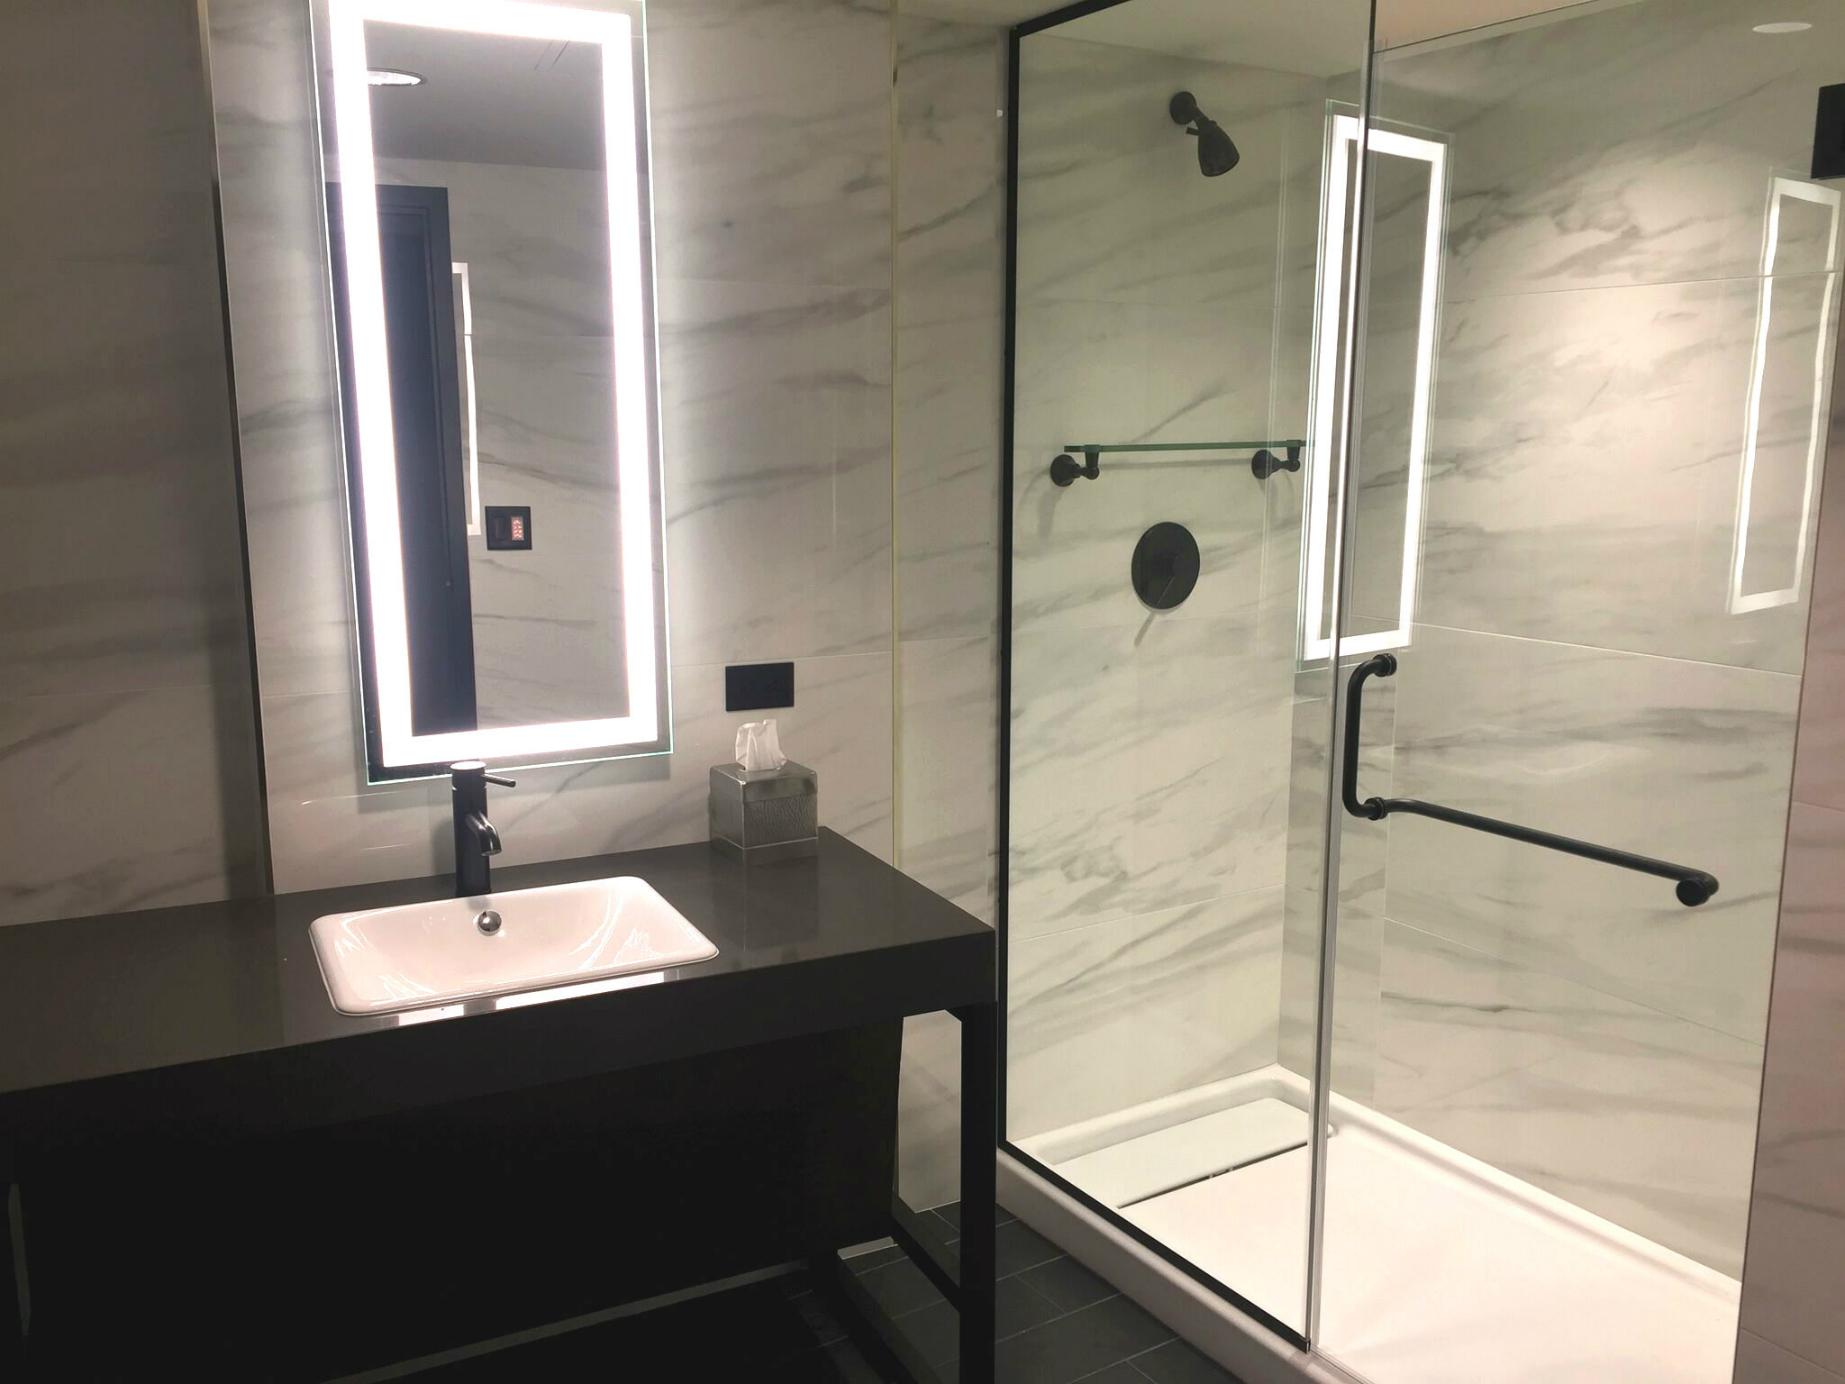 Shower resize at Washington Hilton